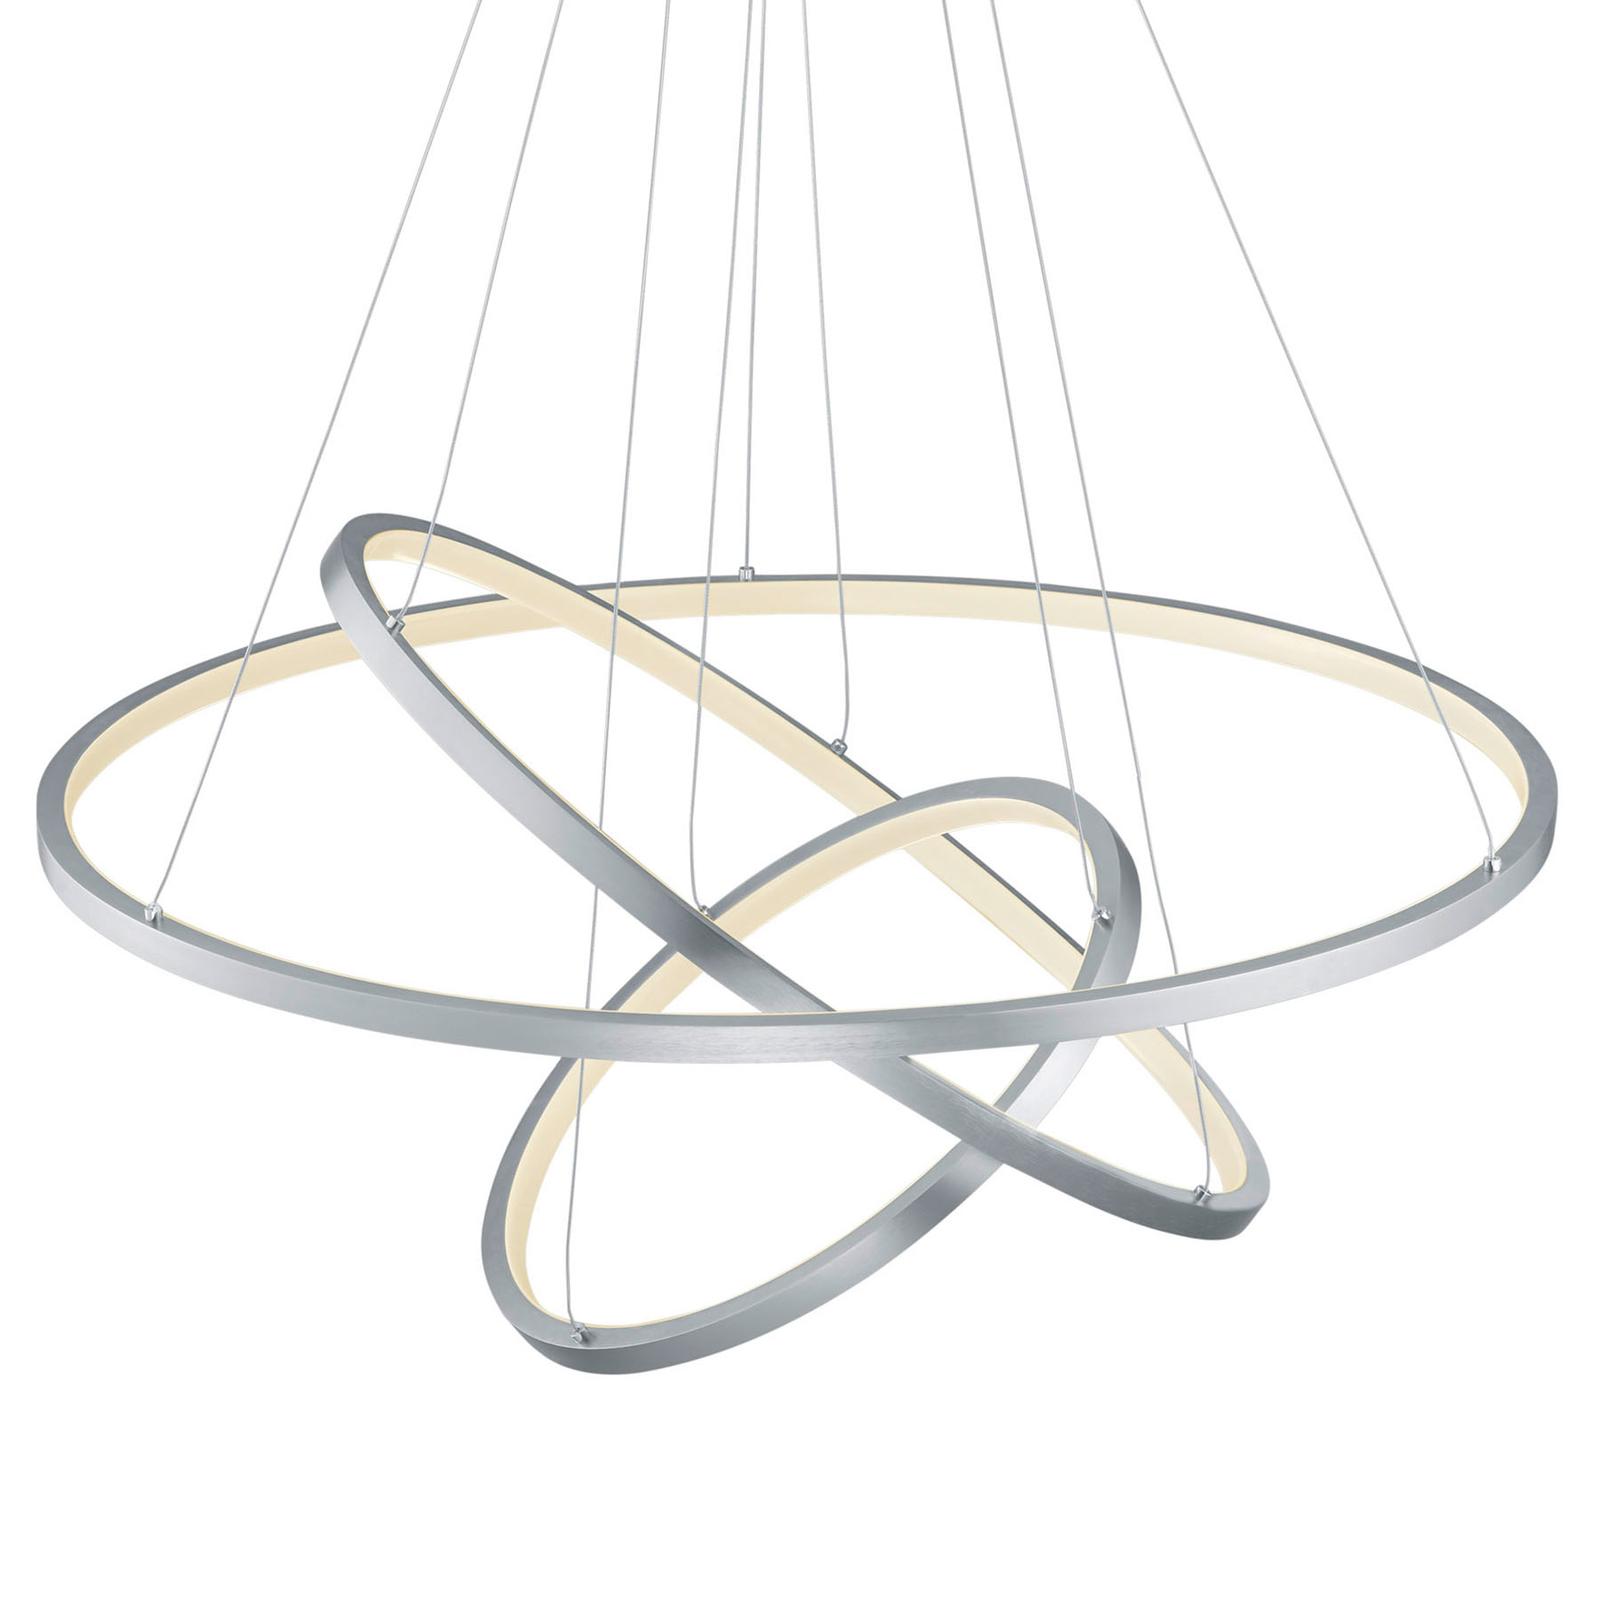 Trio WiZ Aaron lampa wisząca LED, nikiel matowy